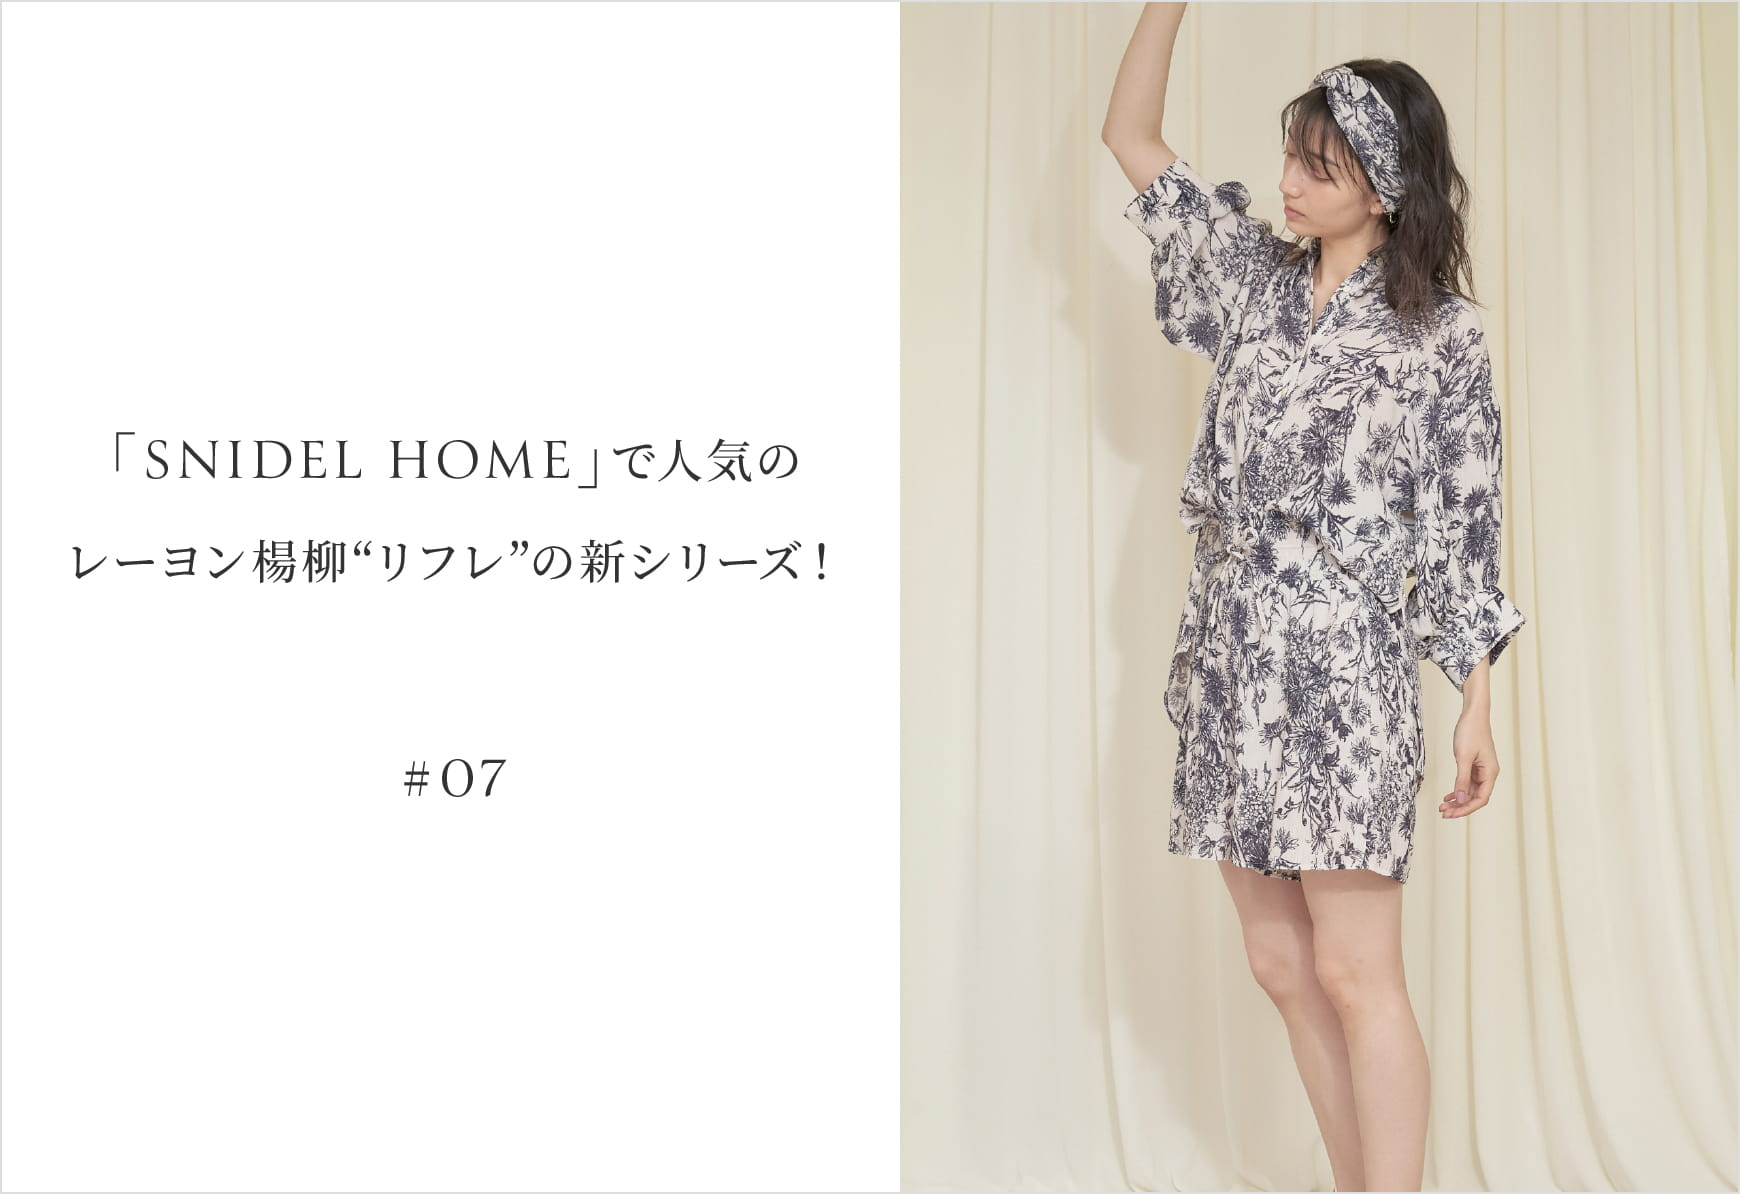 """「SNIDEL HOME」で人気のレーヨン楊柳""""リフレ""""の新シリーズ!"""